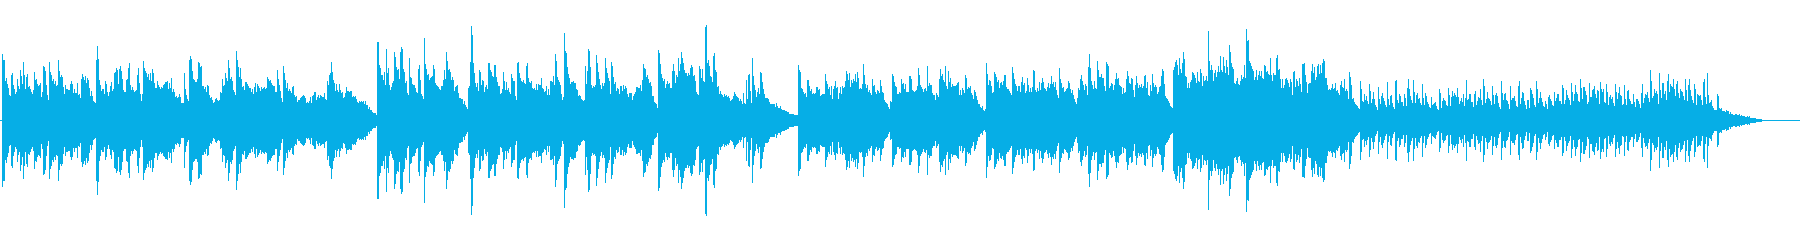 ピアノとストリングスの優しい曲05の再生済みの波形